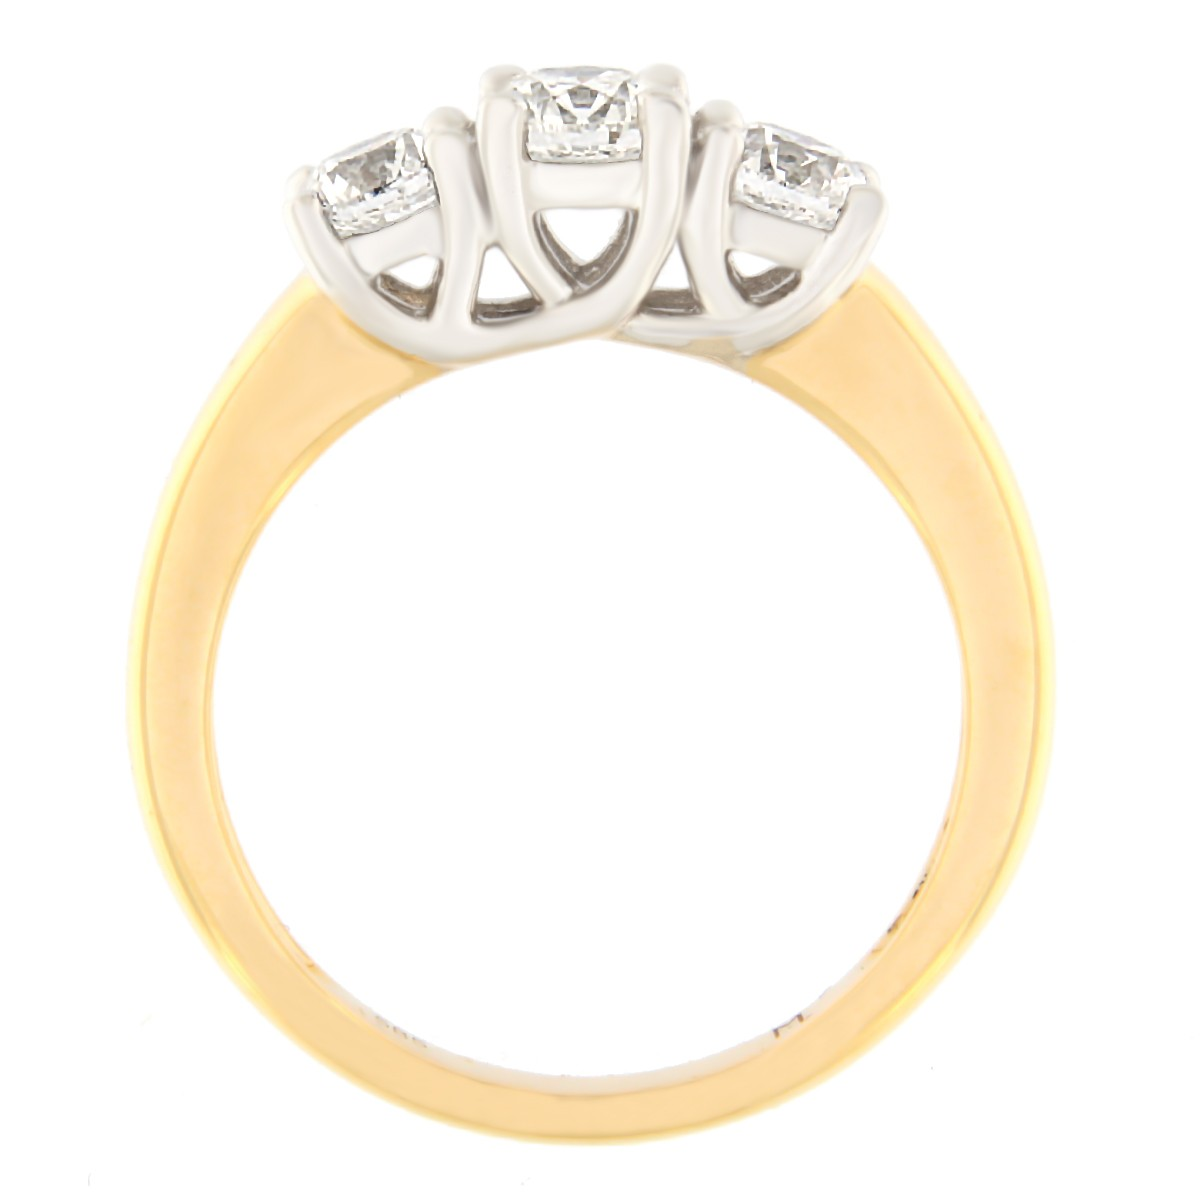 Kullast sõrmus teemantidega 1.01 ct. Kood: 59at külg